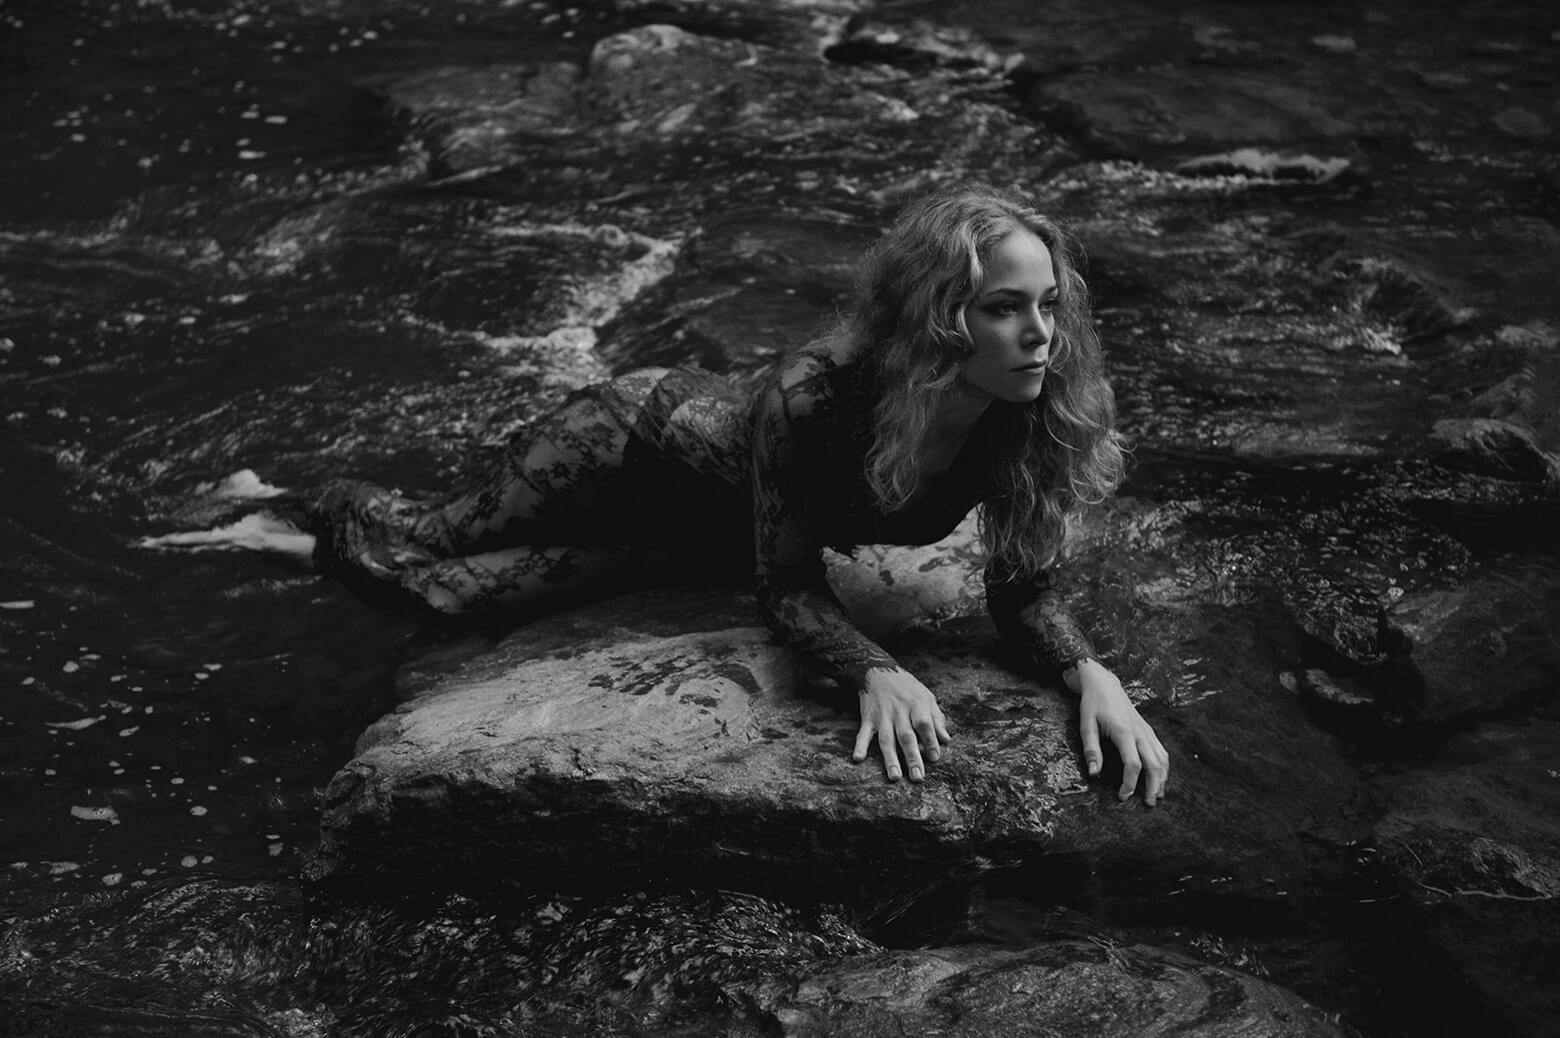 Ein sommerliches Fotoshoot im Wasser, Ophelia